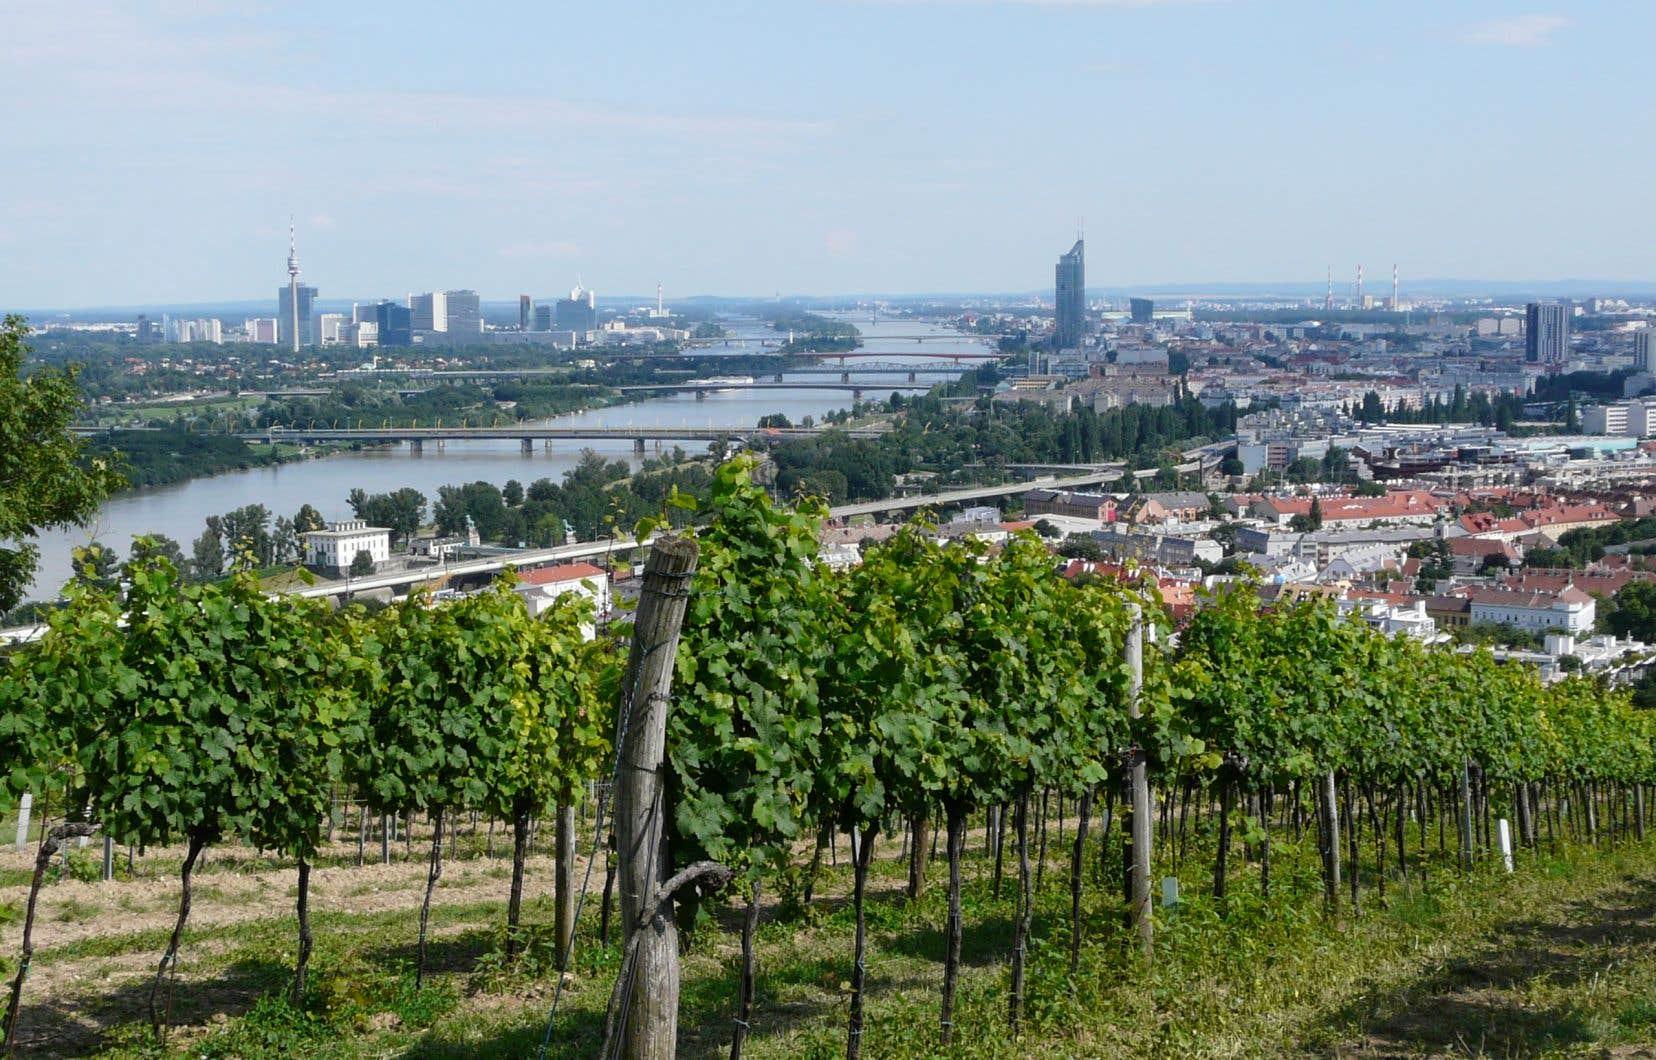 Avec plus de 600 hectares, Vienne est incontestablement la métropole du vin urbain dans le monde.